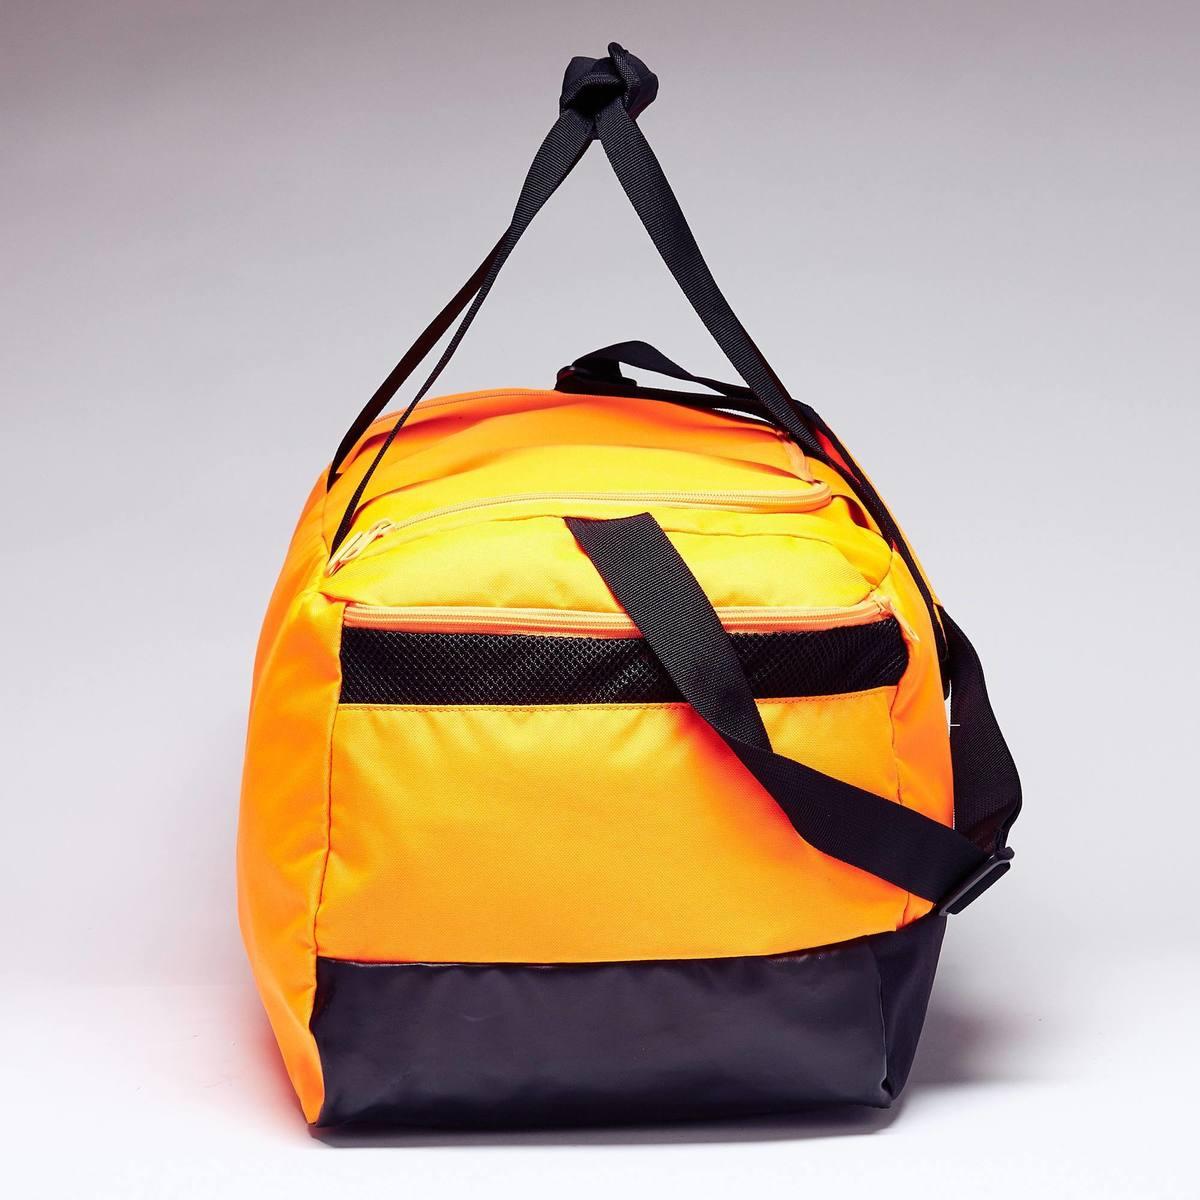 Bild 3 von Sporttasche Protrain Medium Bag